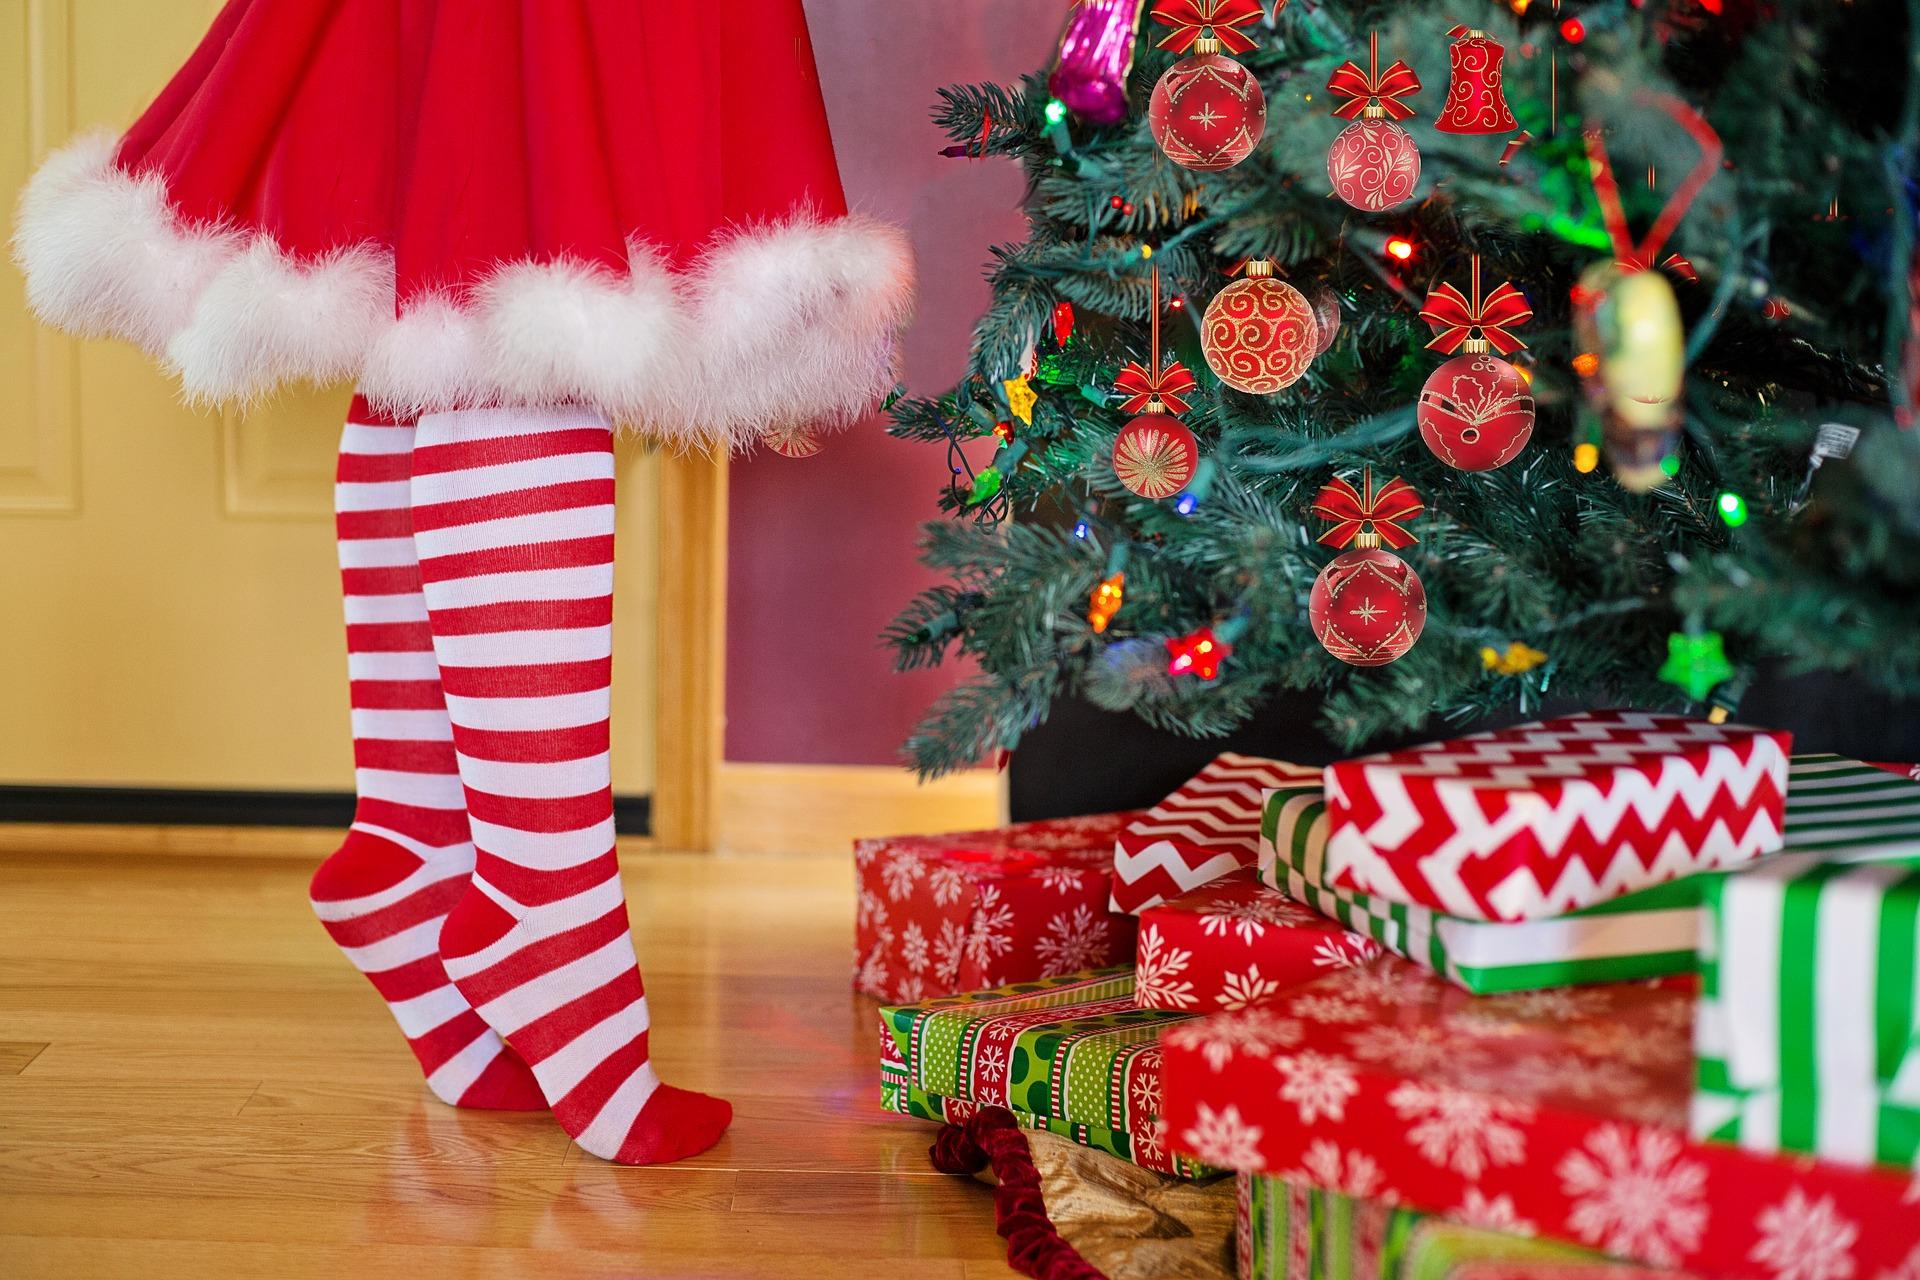 Los Mejores Fondos De Pantalla De Navidad Para Ios Y Android